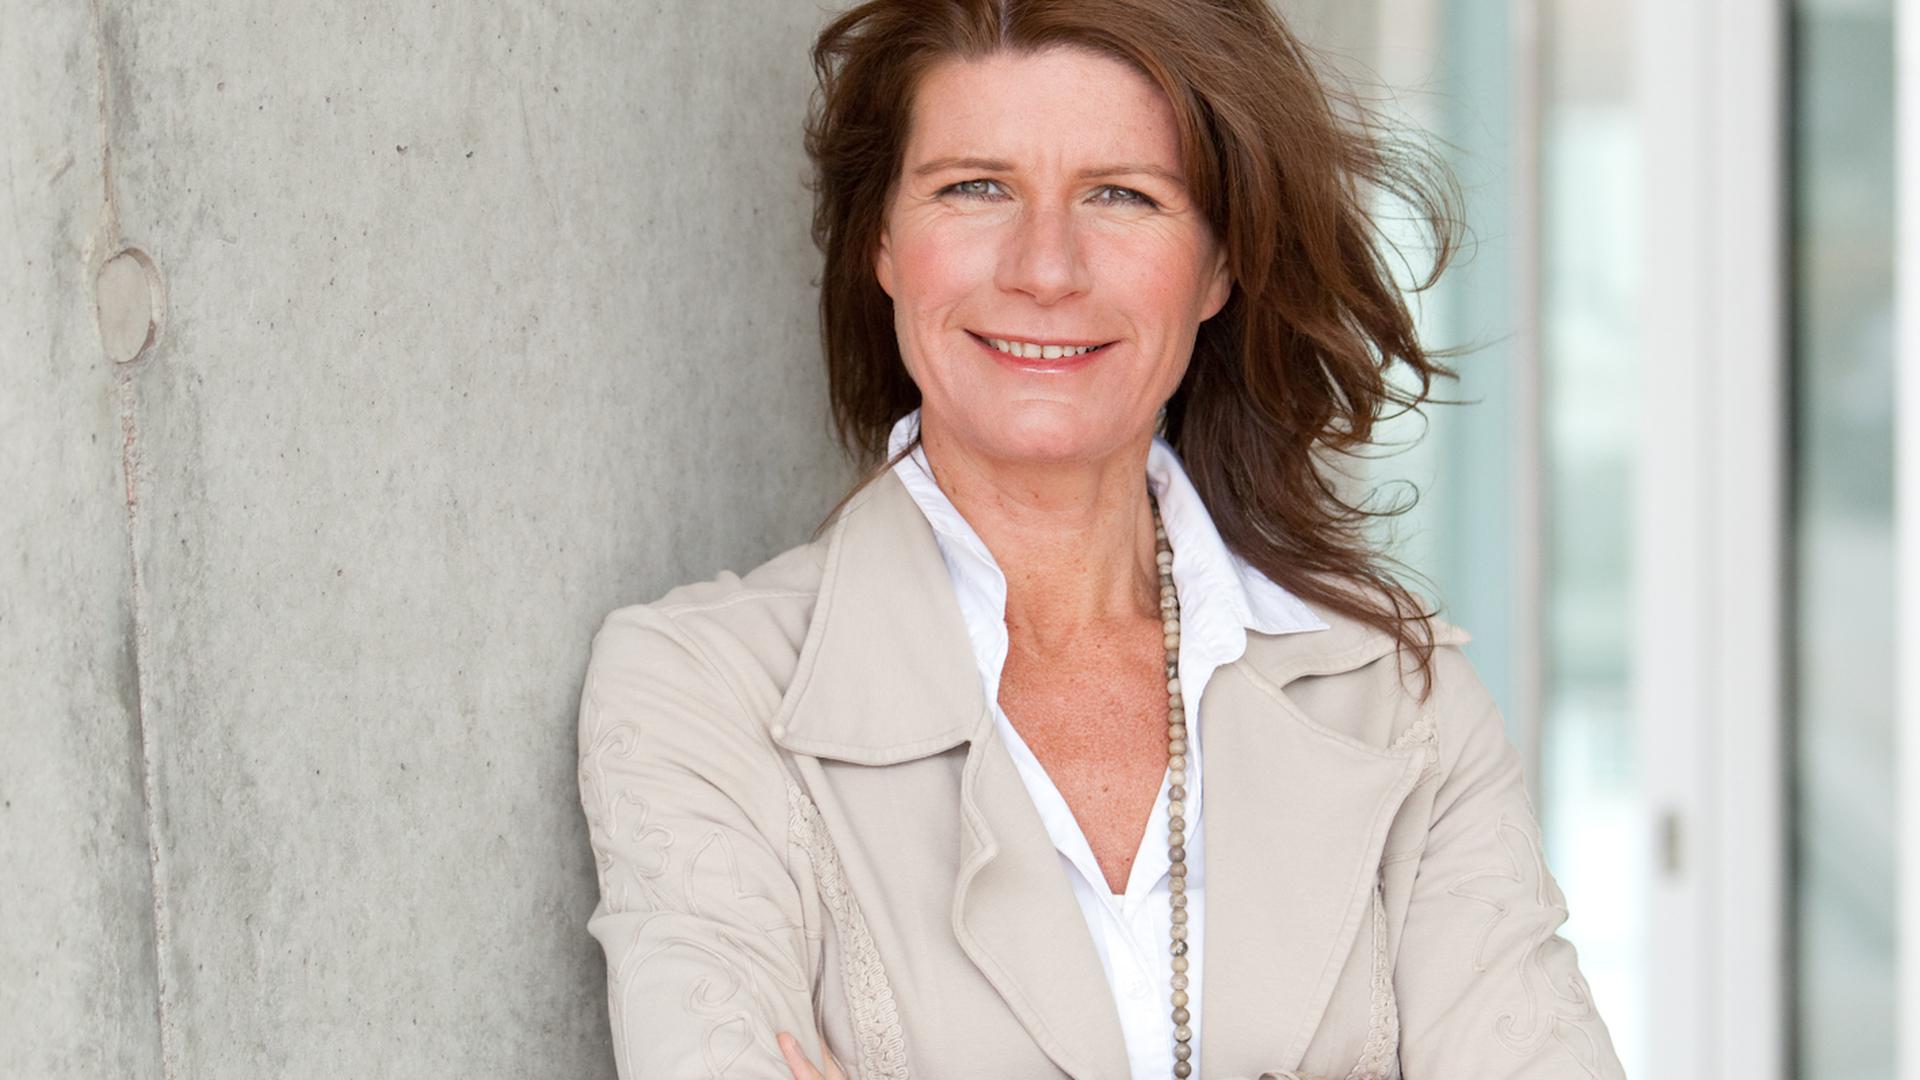 """Claudine Nierth, Künstlerin und Politikaktivistin, Autorin des Buches """"Die Demokratie braucht uns!"""""""